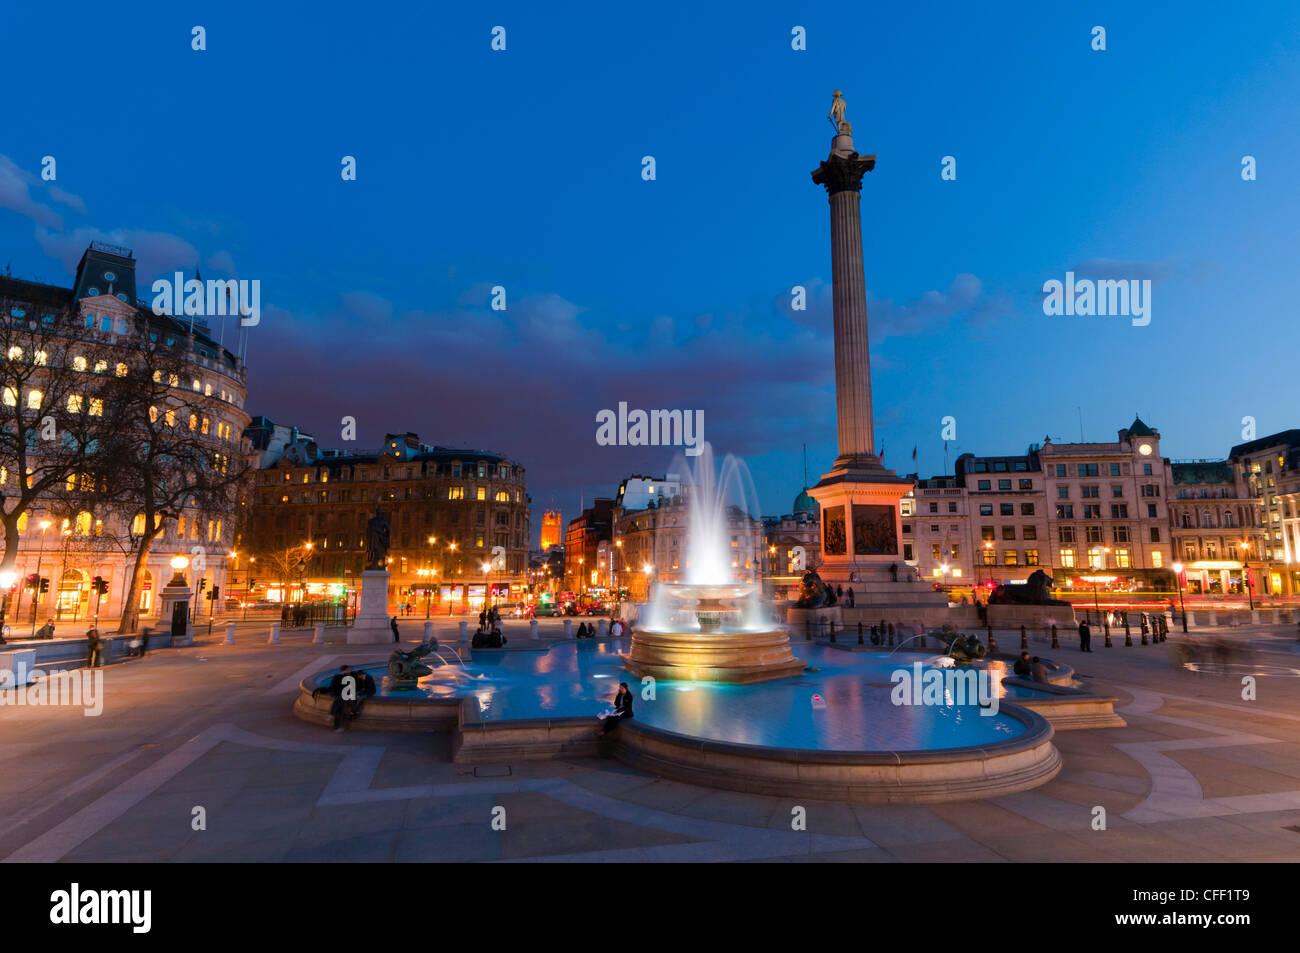 Nelsons Column and Trafalgar Square, London, England, United Kingdom, Europe - Stock Image